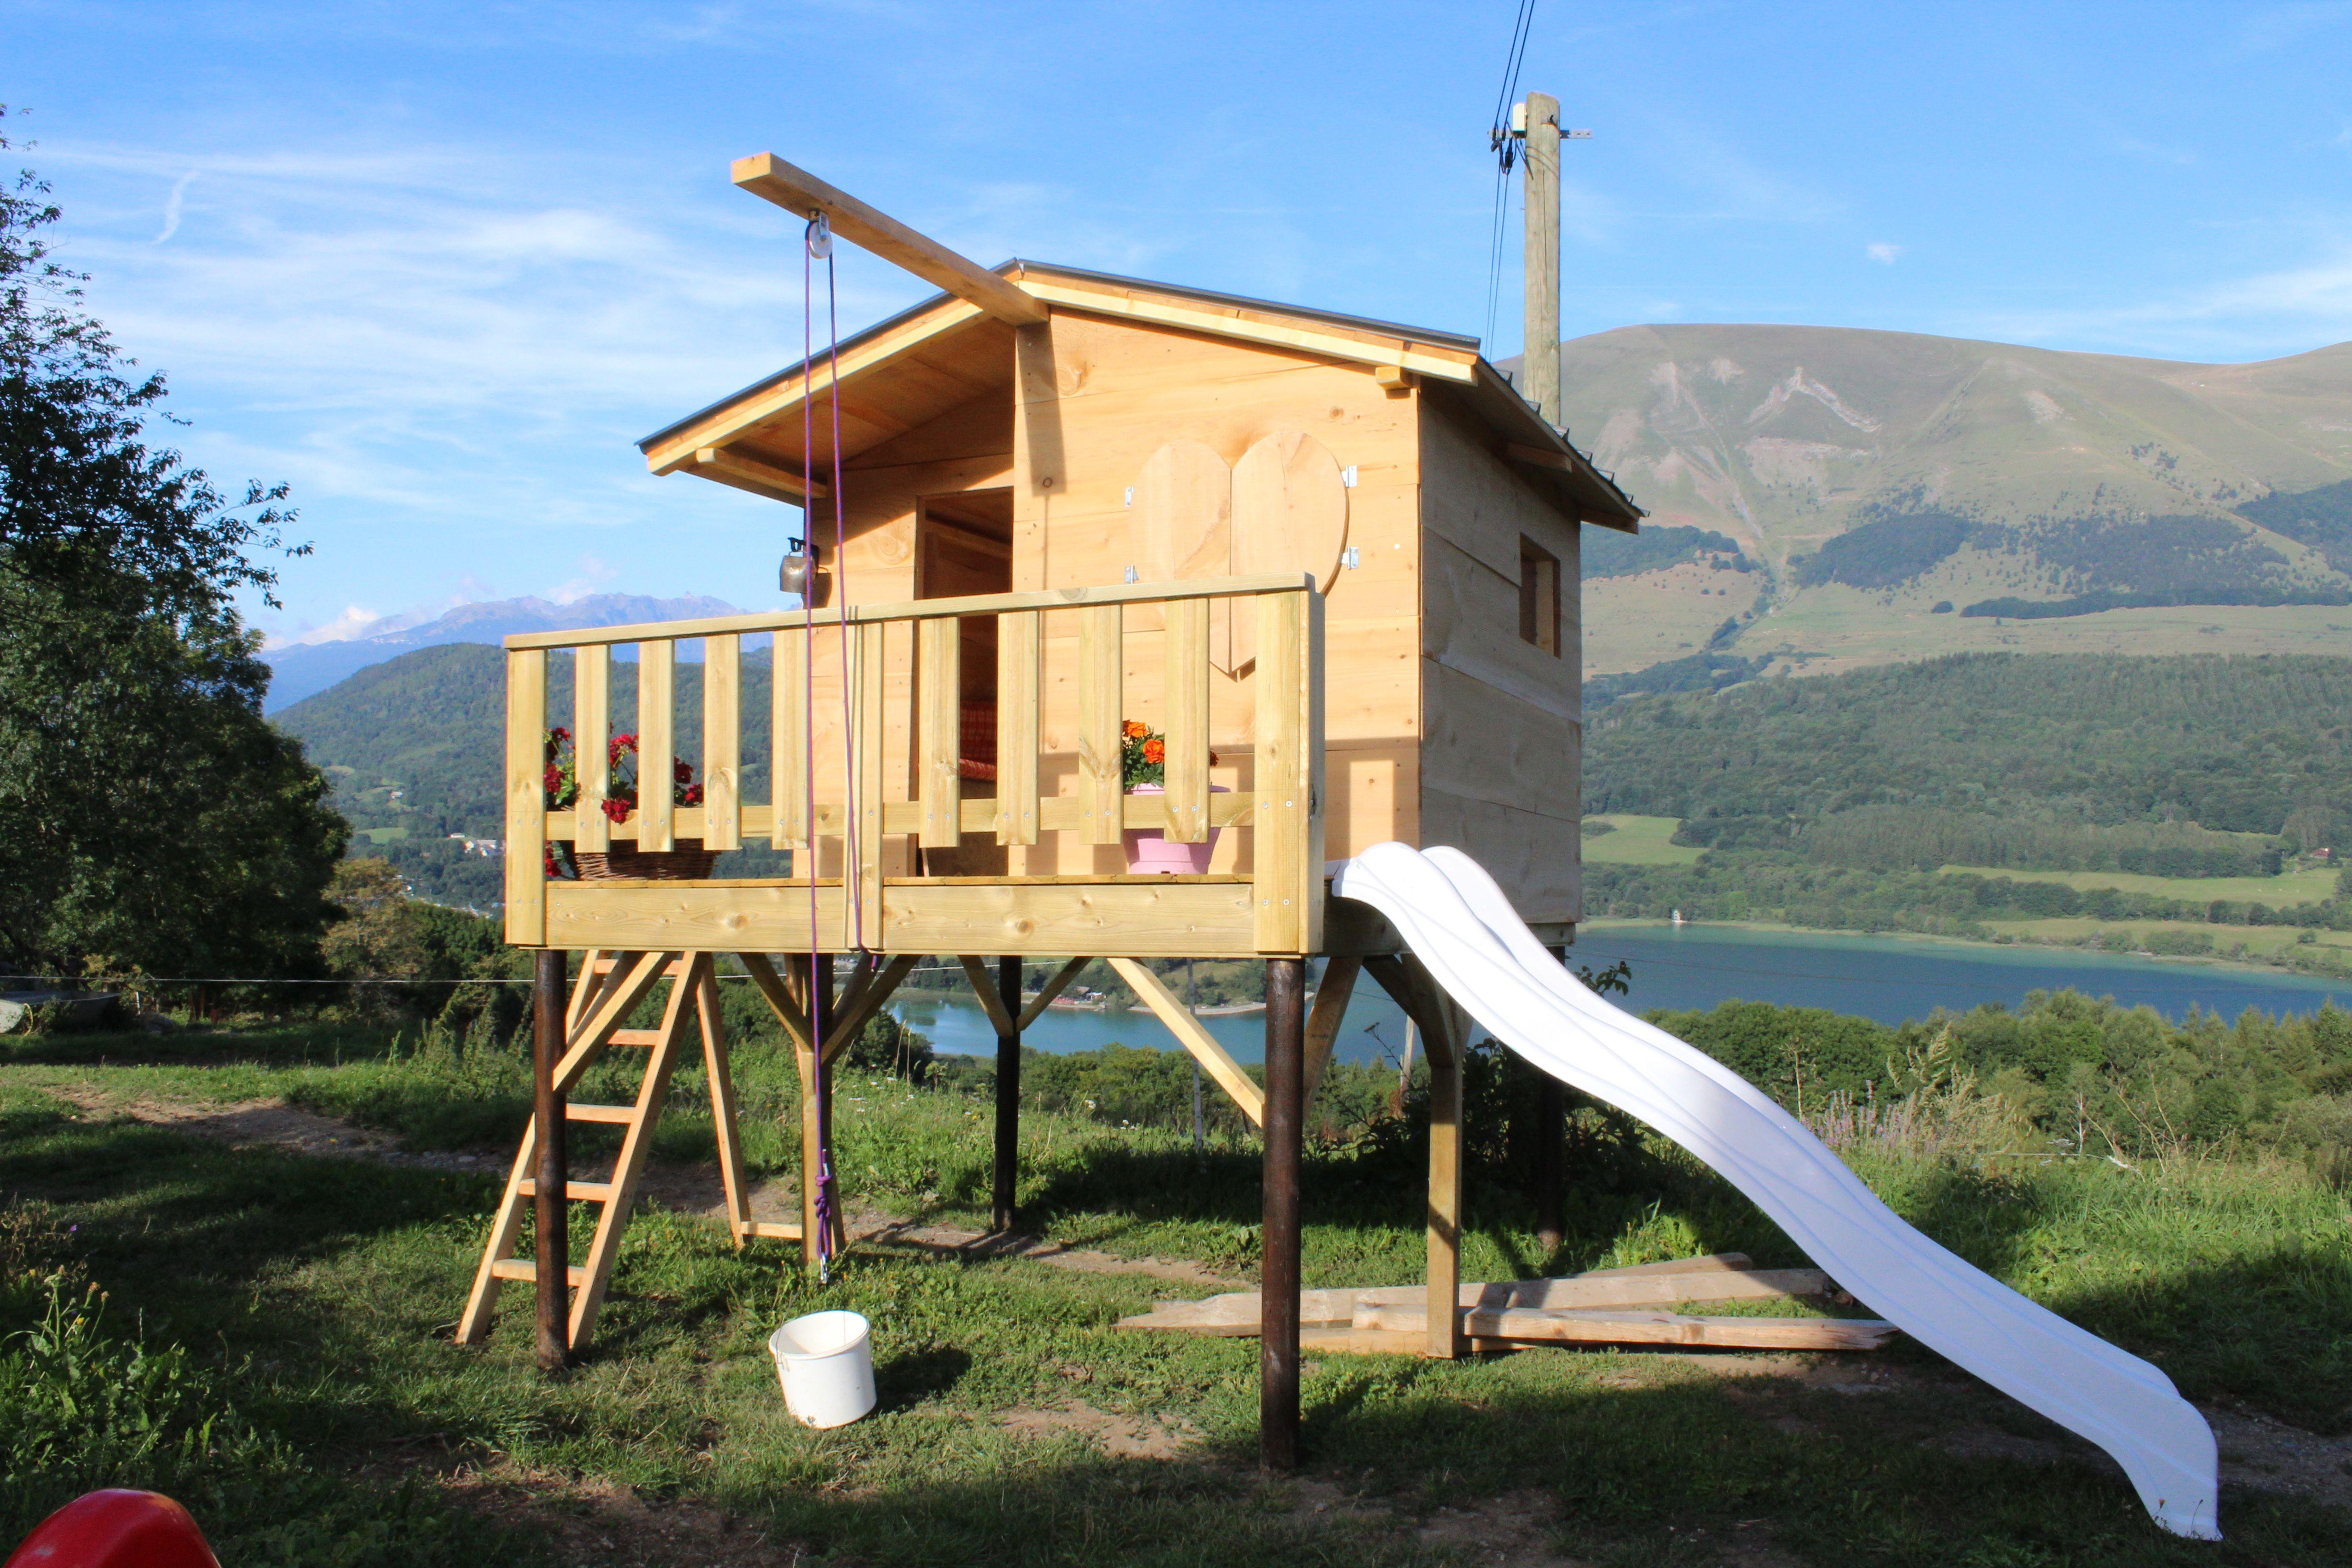 cabane pour enfant sur pilotis avec toboggan poulie monte charge int rieur avec petite. Black Bedroom Furniture Sets. Home Design Ideas